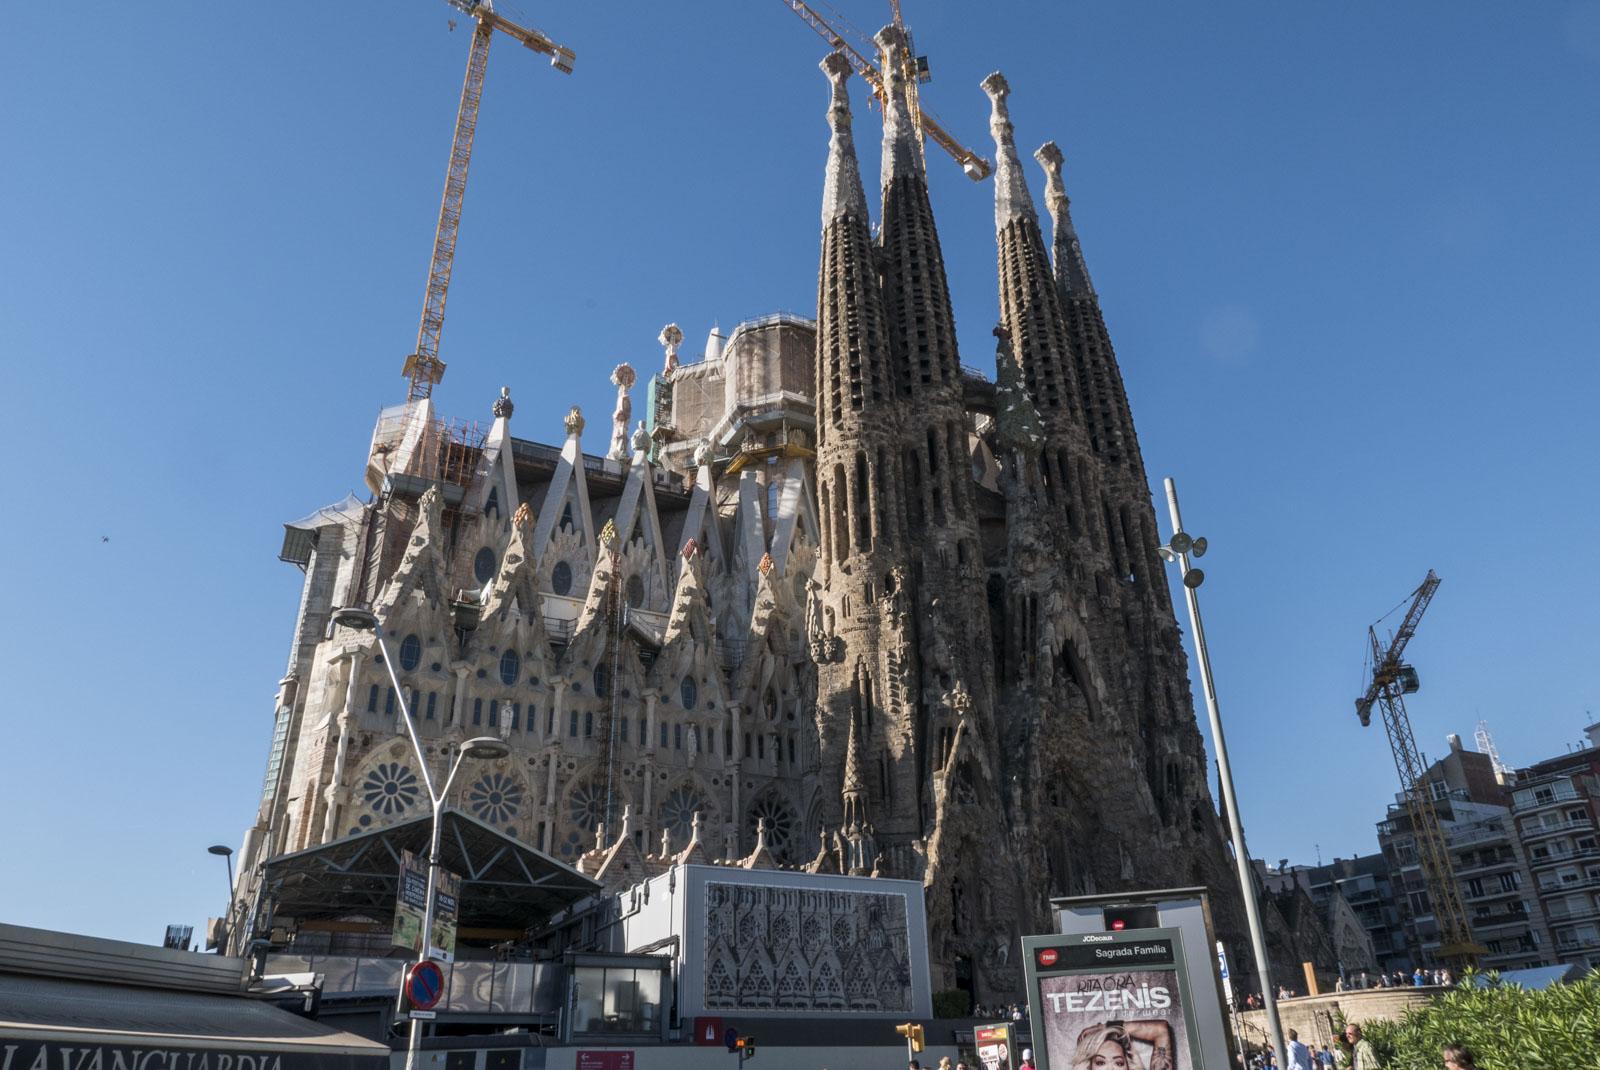 Sagrada Familia. Gaudis livsverk som ble påbegynt i 1882 og forventes ferdigstilt i 2026